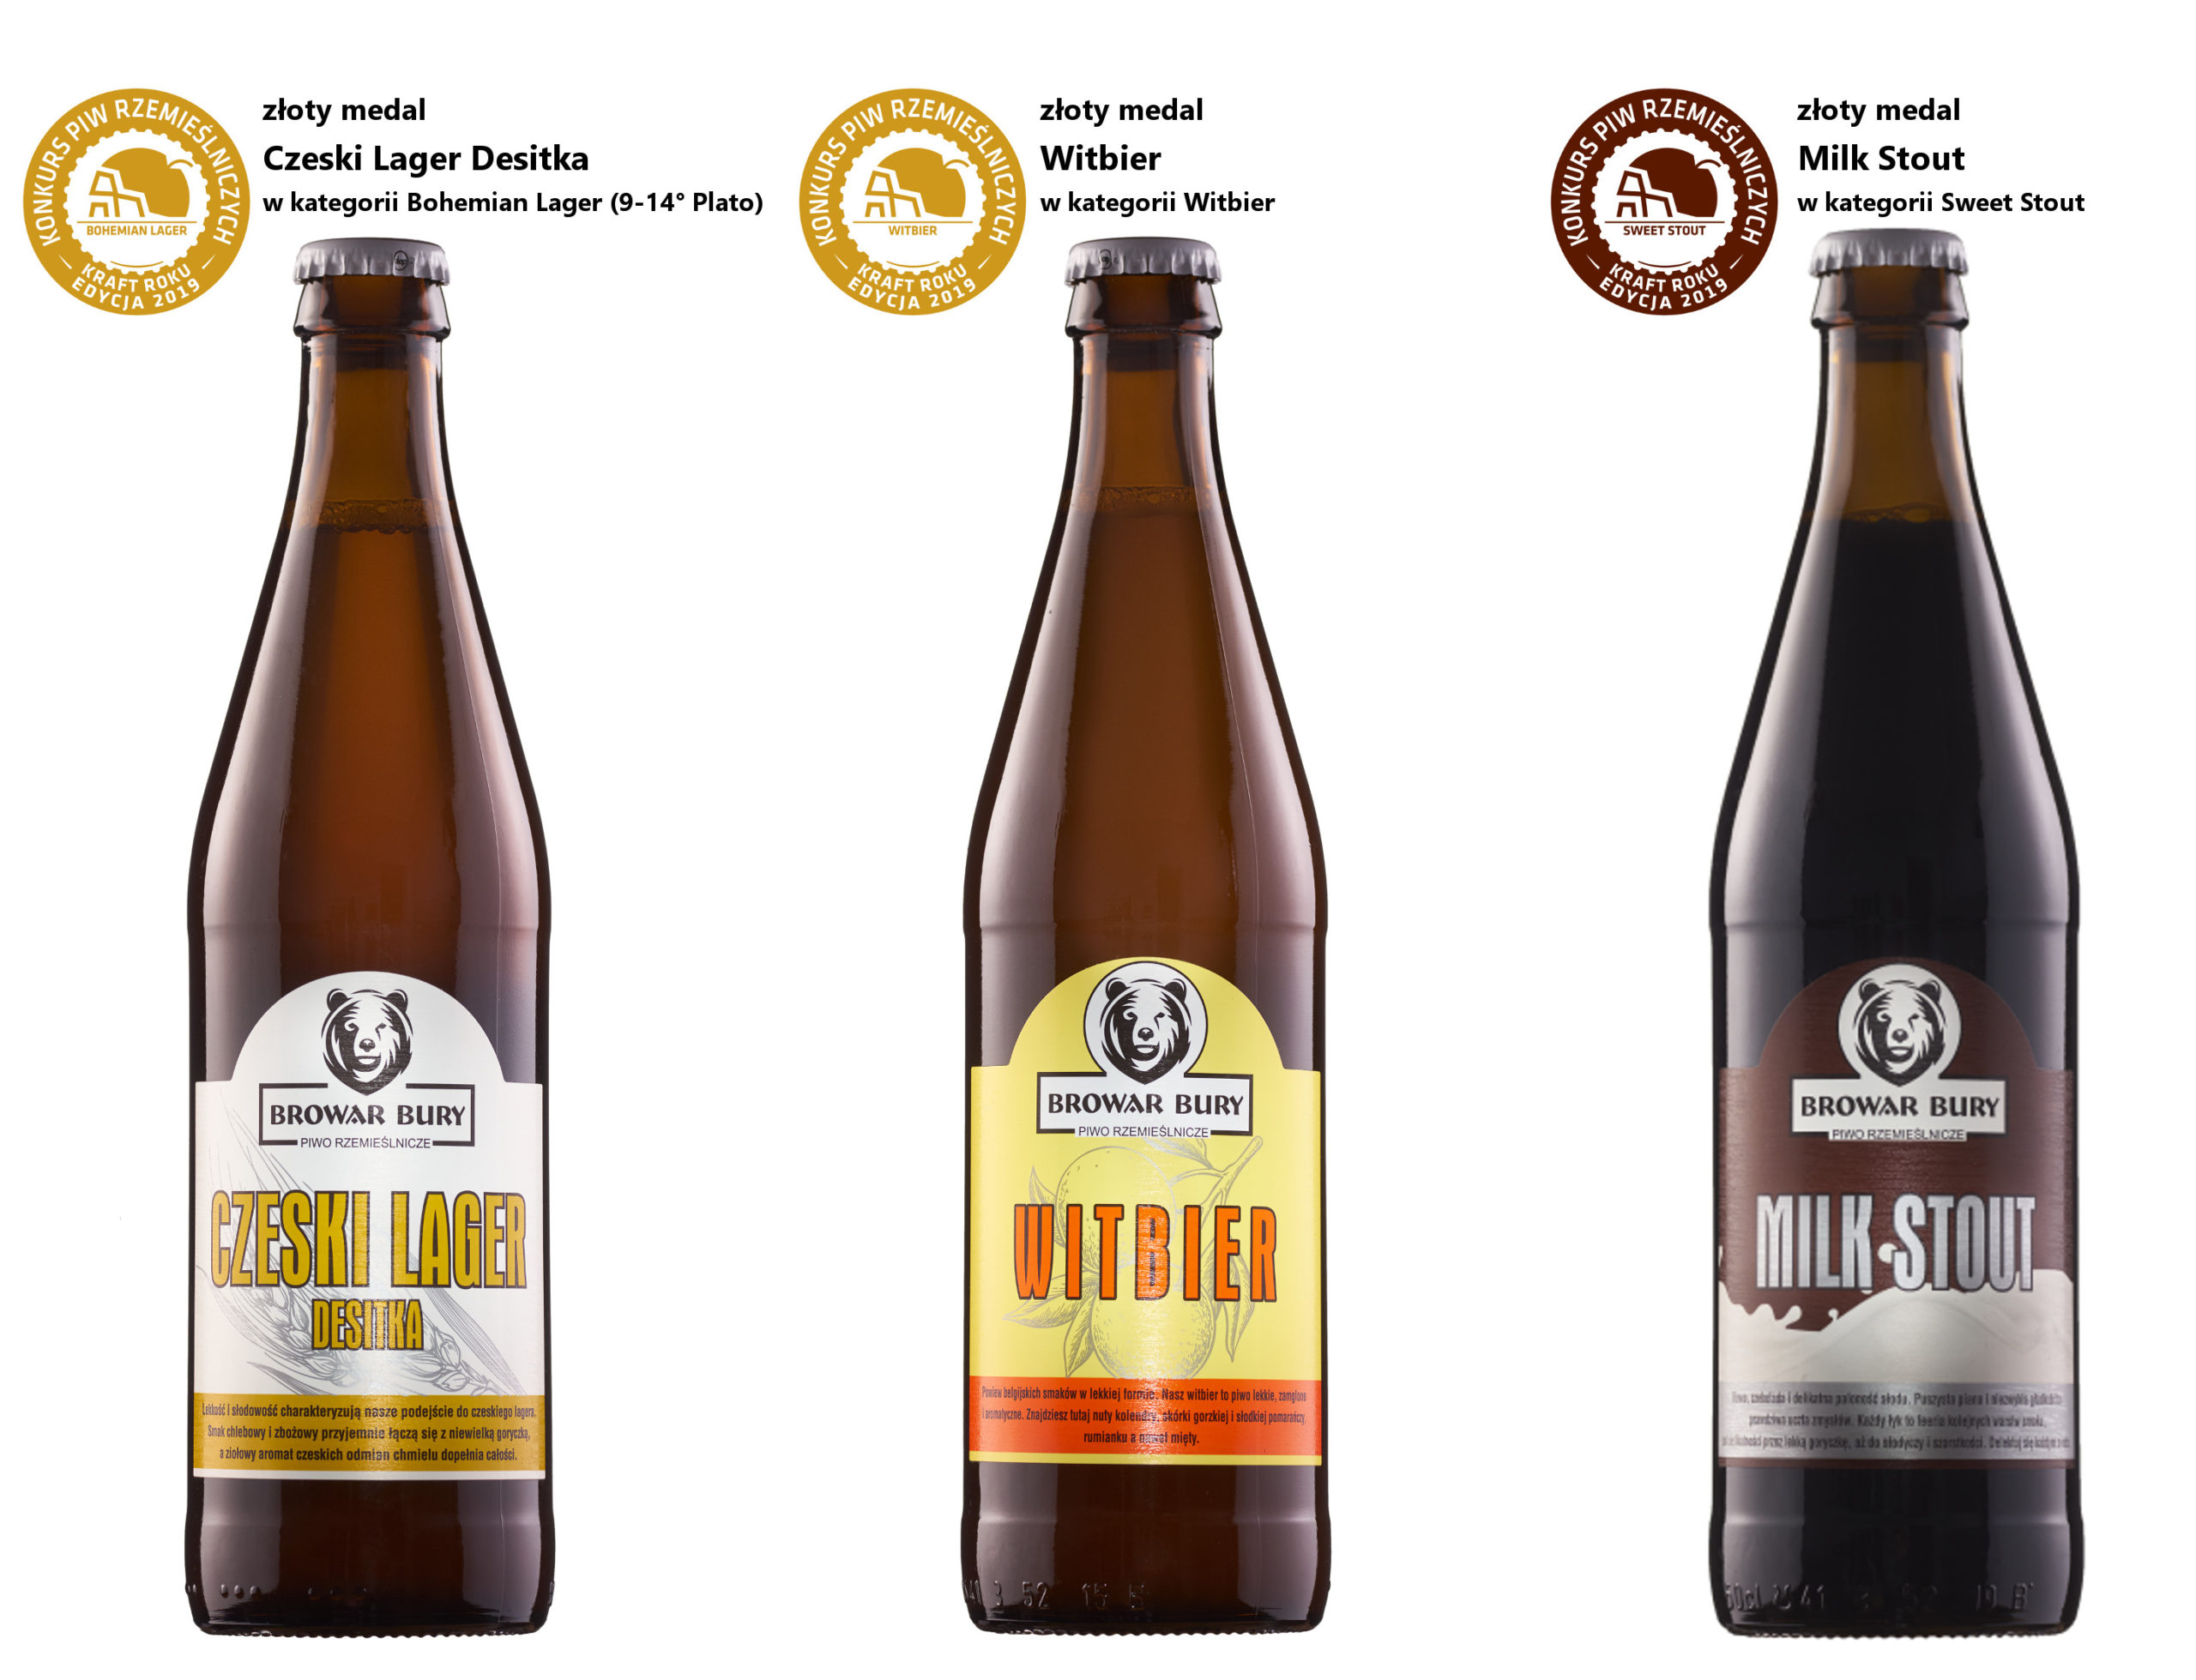 Trzy medalowe piwa